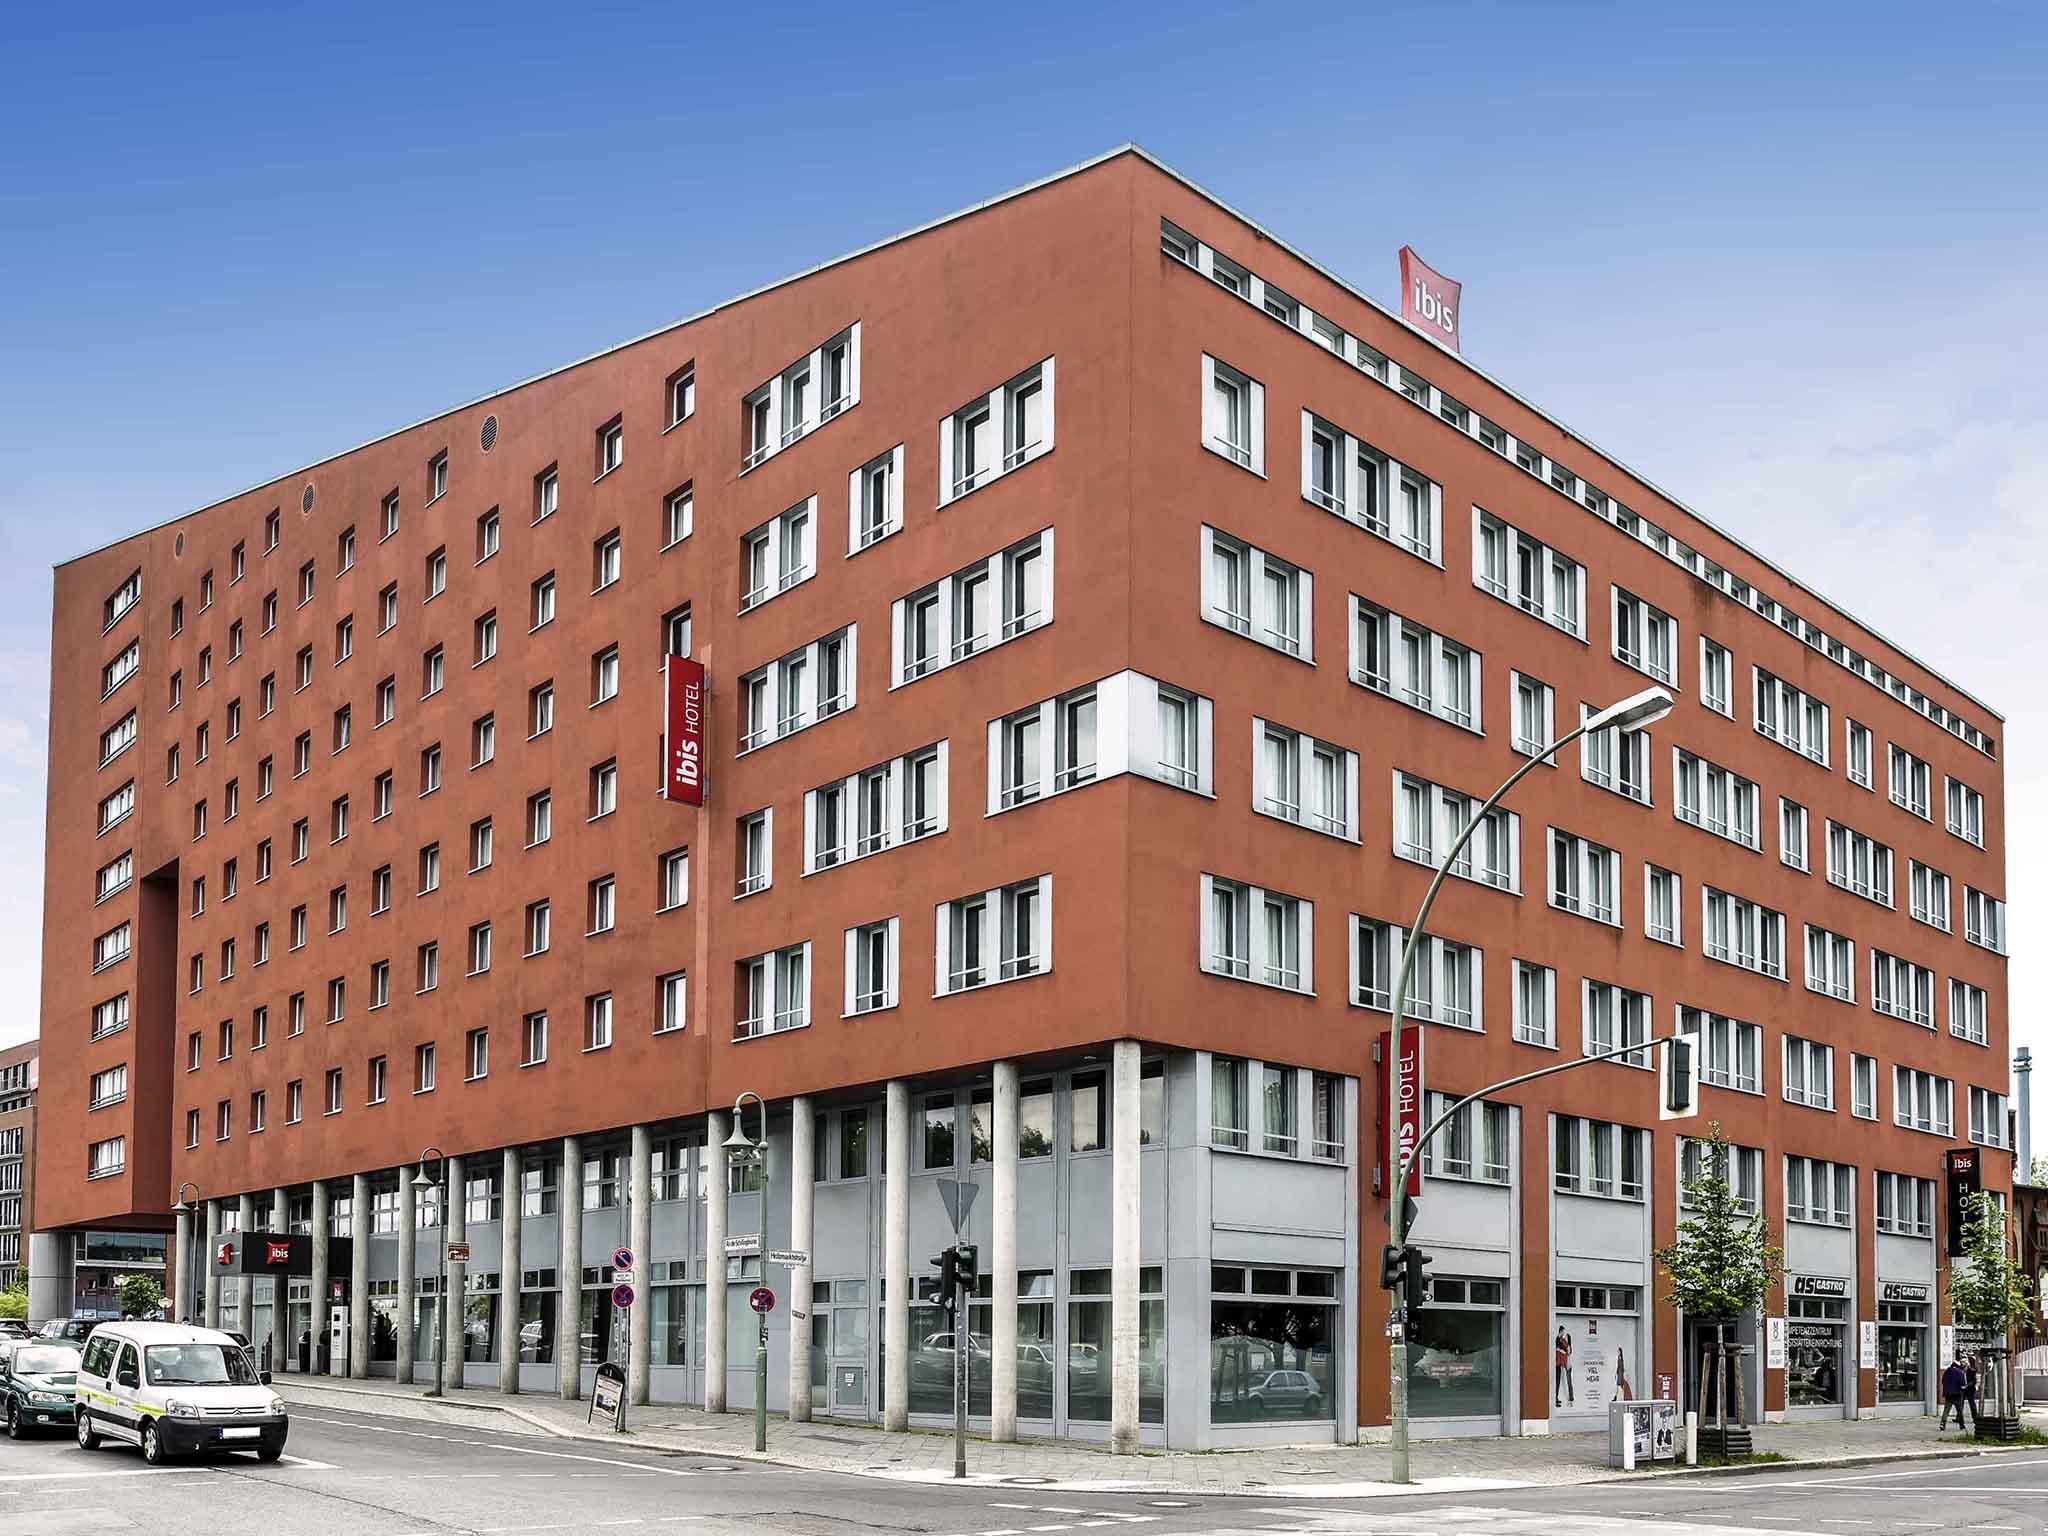 Hotel ibis Berlin Ostbahnhof. Book your hotel in Berlin now!